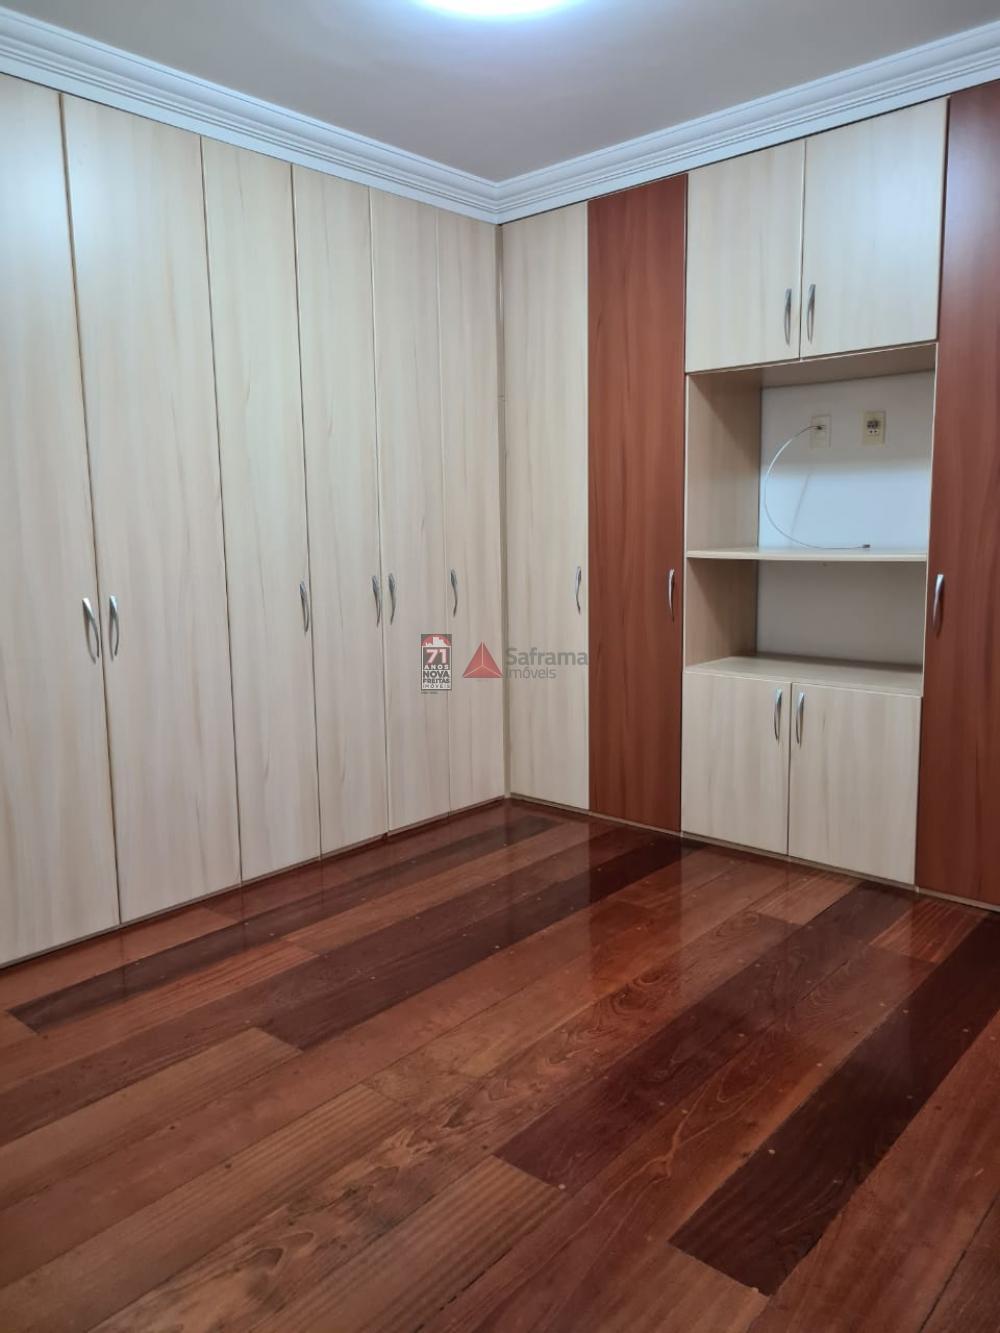 Comprar Apartamento / Padrão em Pindamonhangaba apenas R$ 430.000,00 - Foto 17